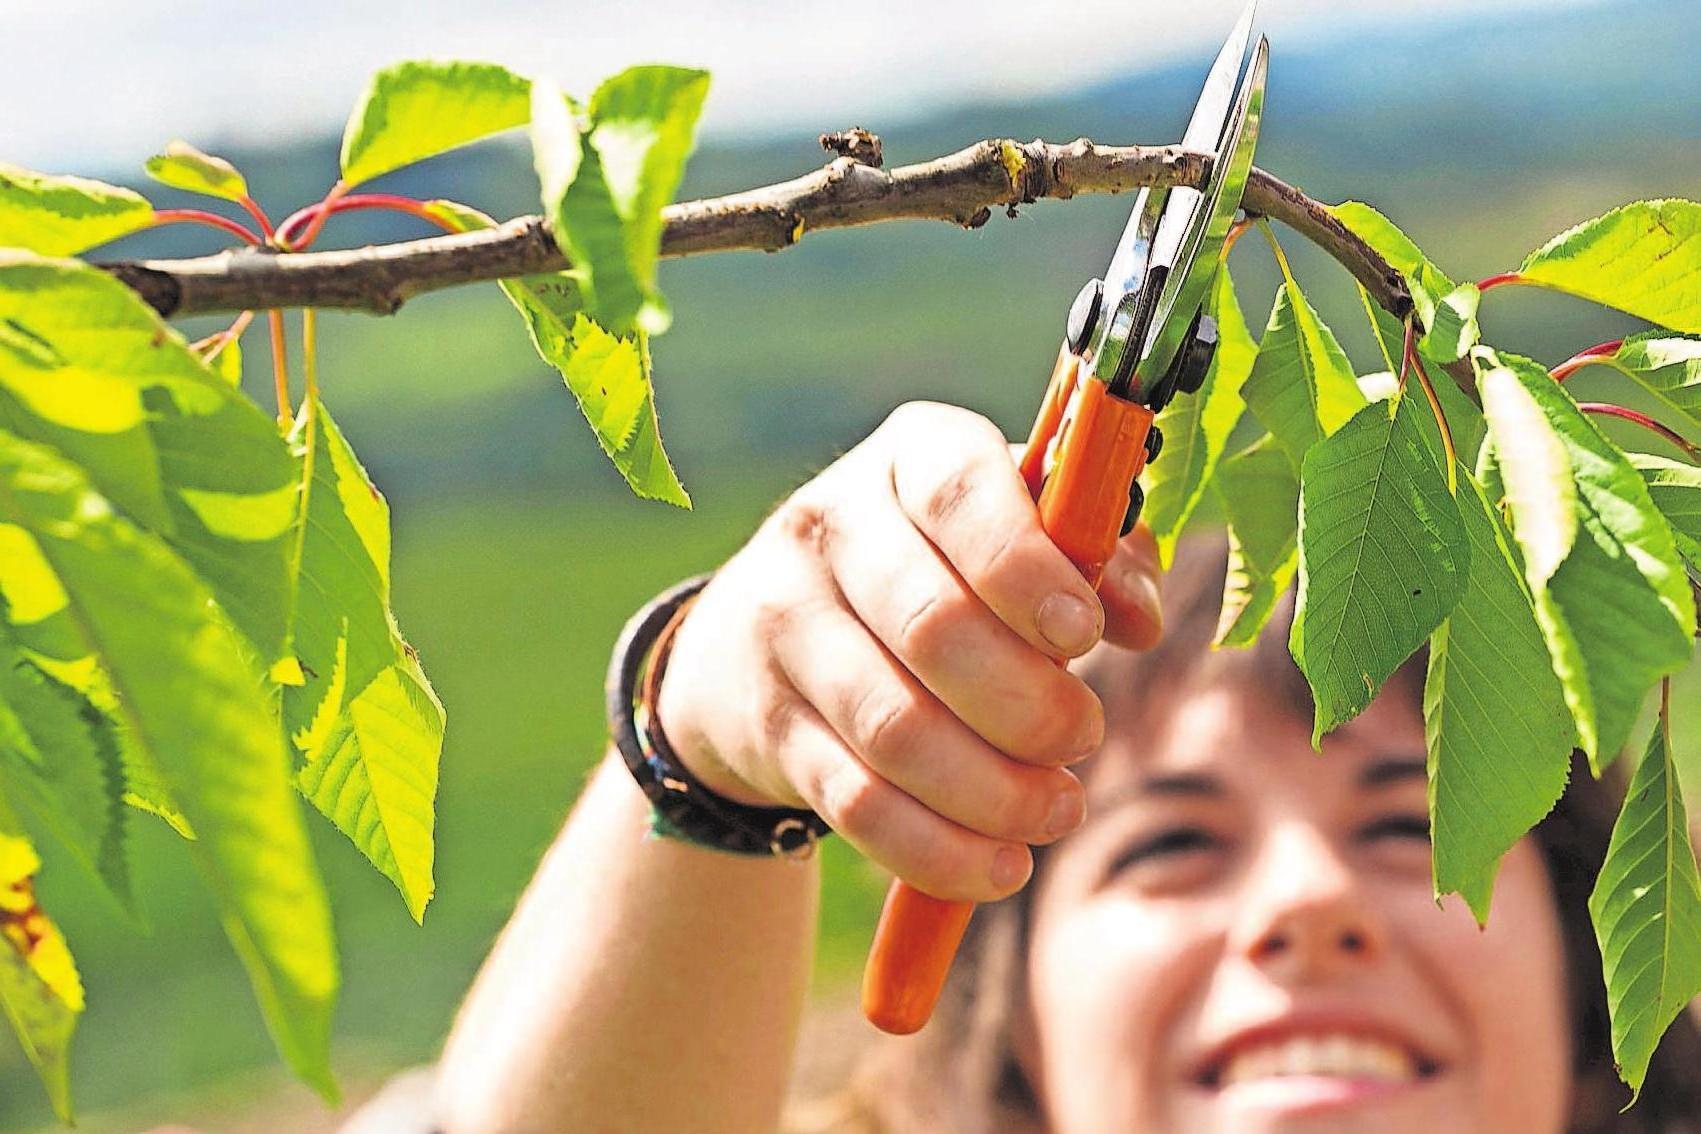 Mit einem Rückschnitt schaffen Gartenbesitzer im Herbst die Basis für eine reiche Ernte in der kommenden Saison. Foto: djd/STIHL